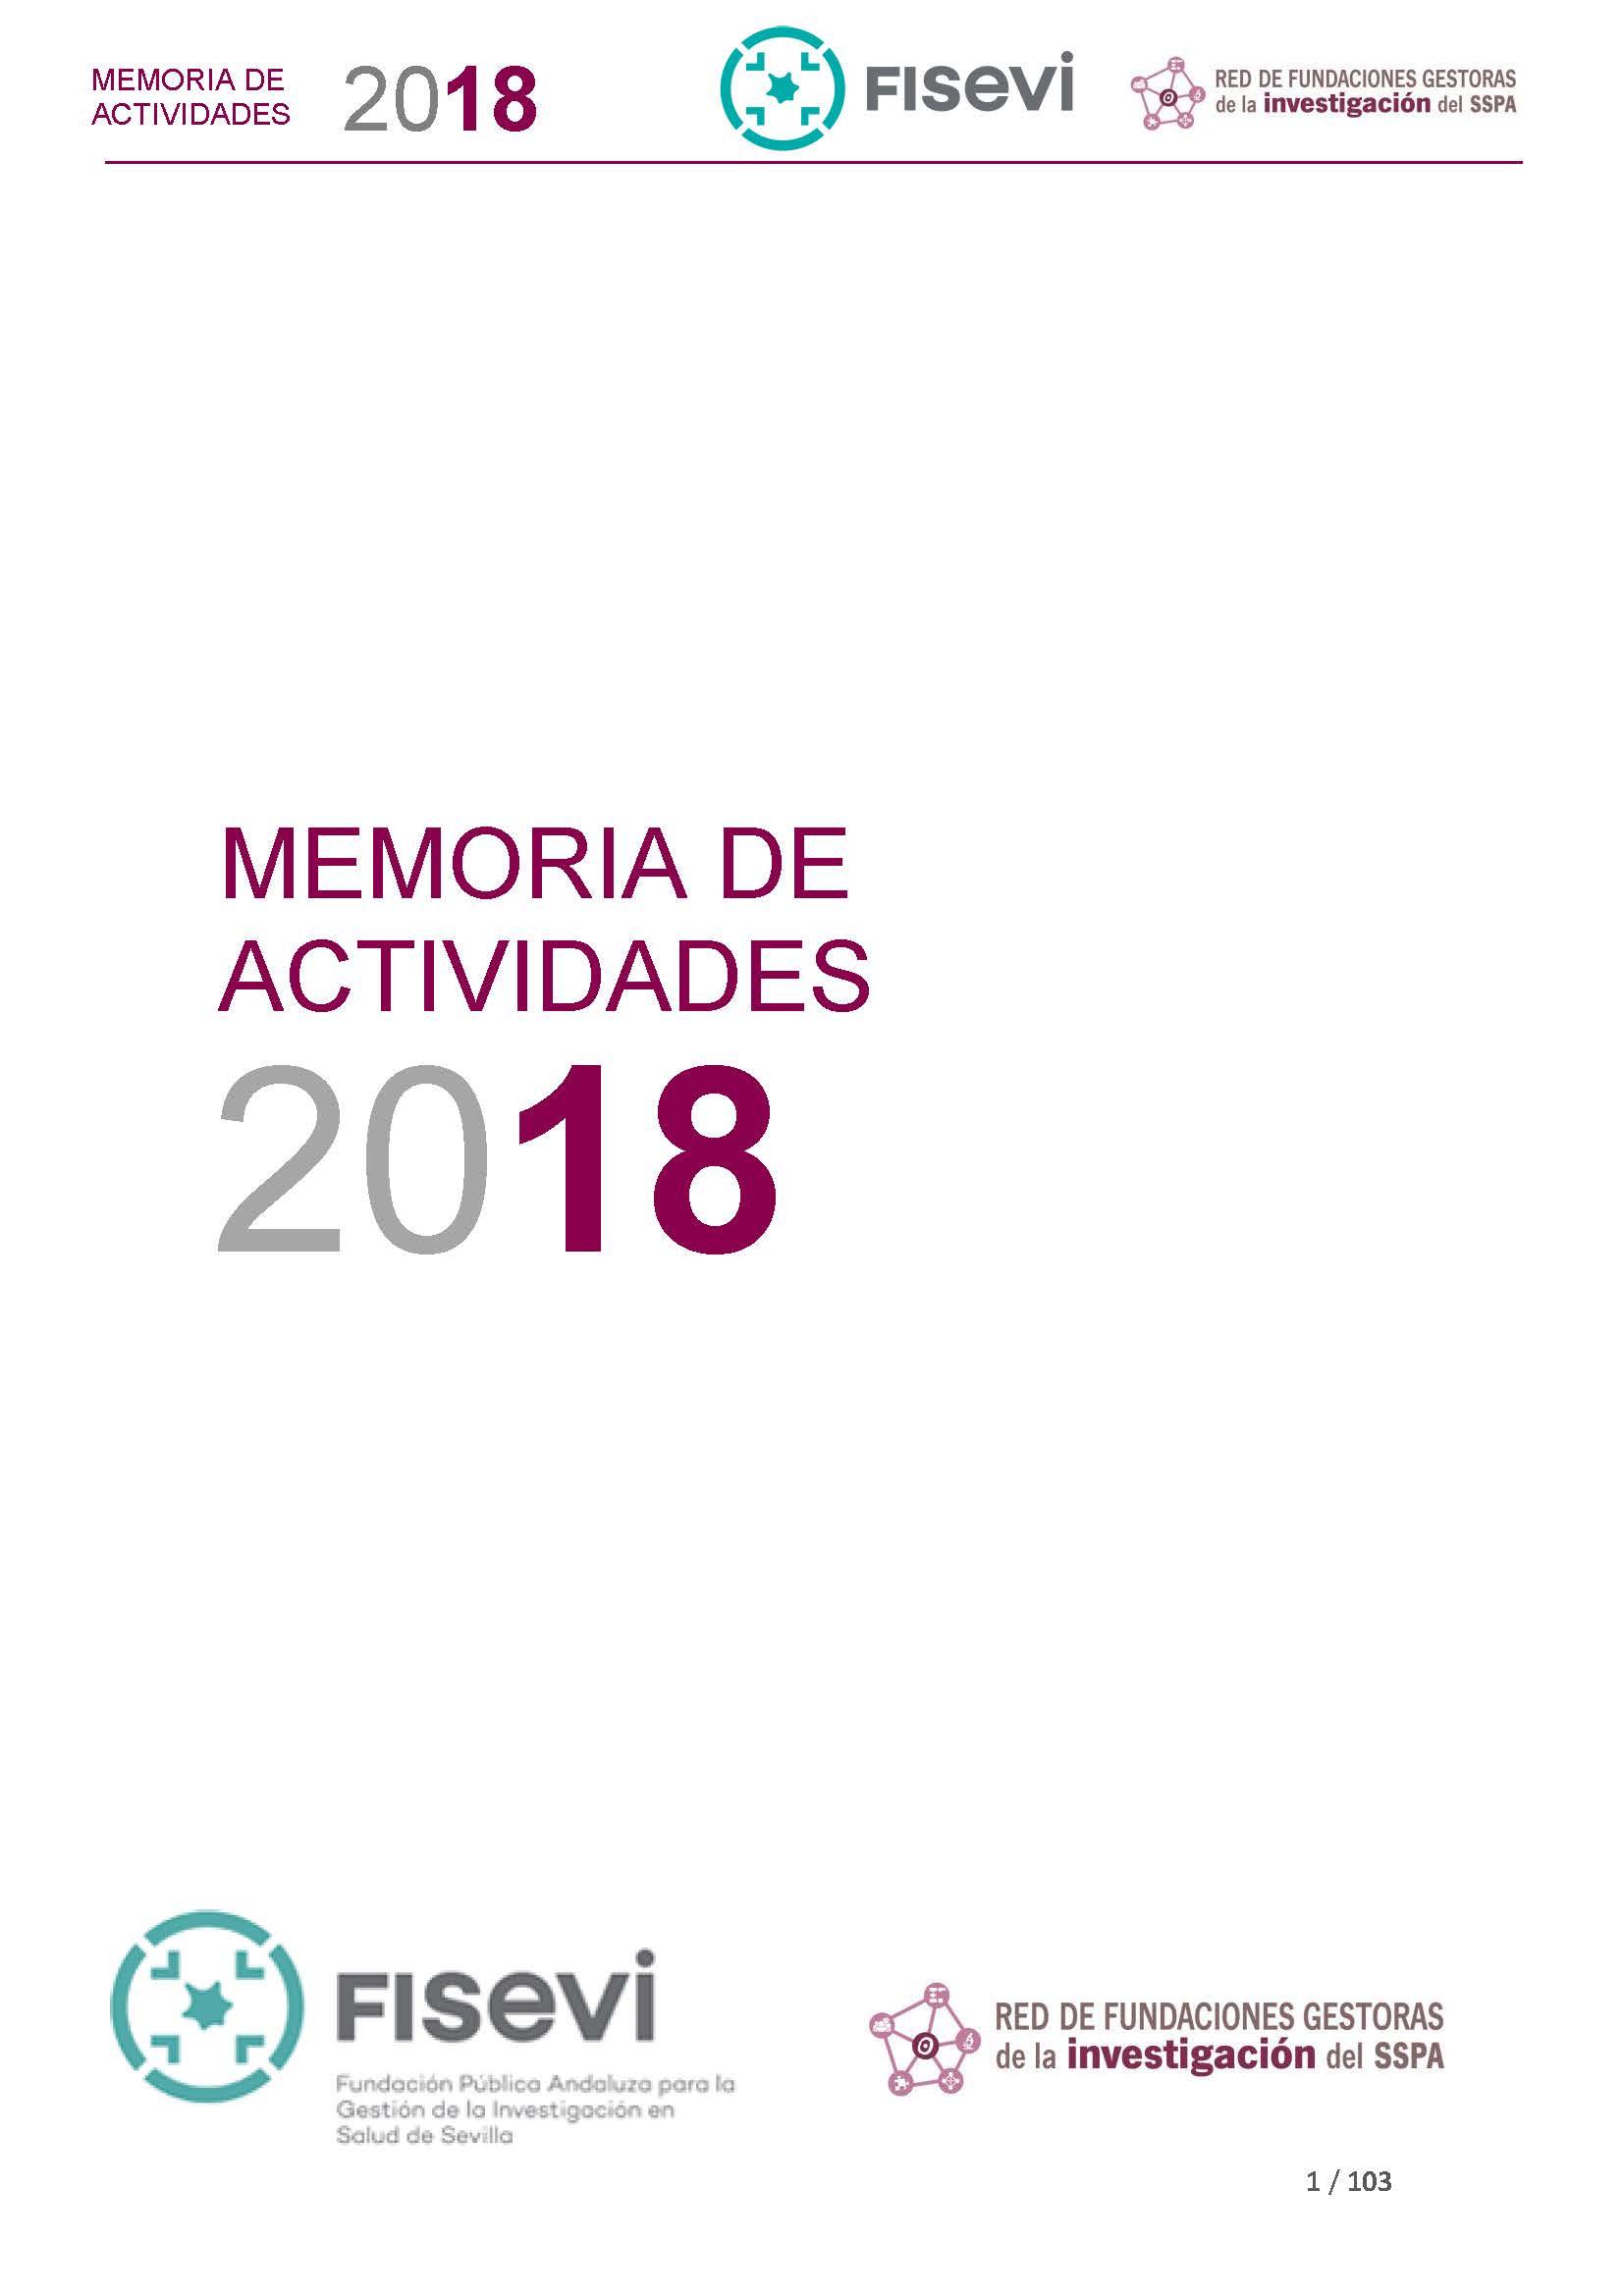 Calendario Vacunas 2020 Andalucia.Planes Y Programas Consejeria De Salud Y Familias Junta De Andalucia